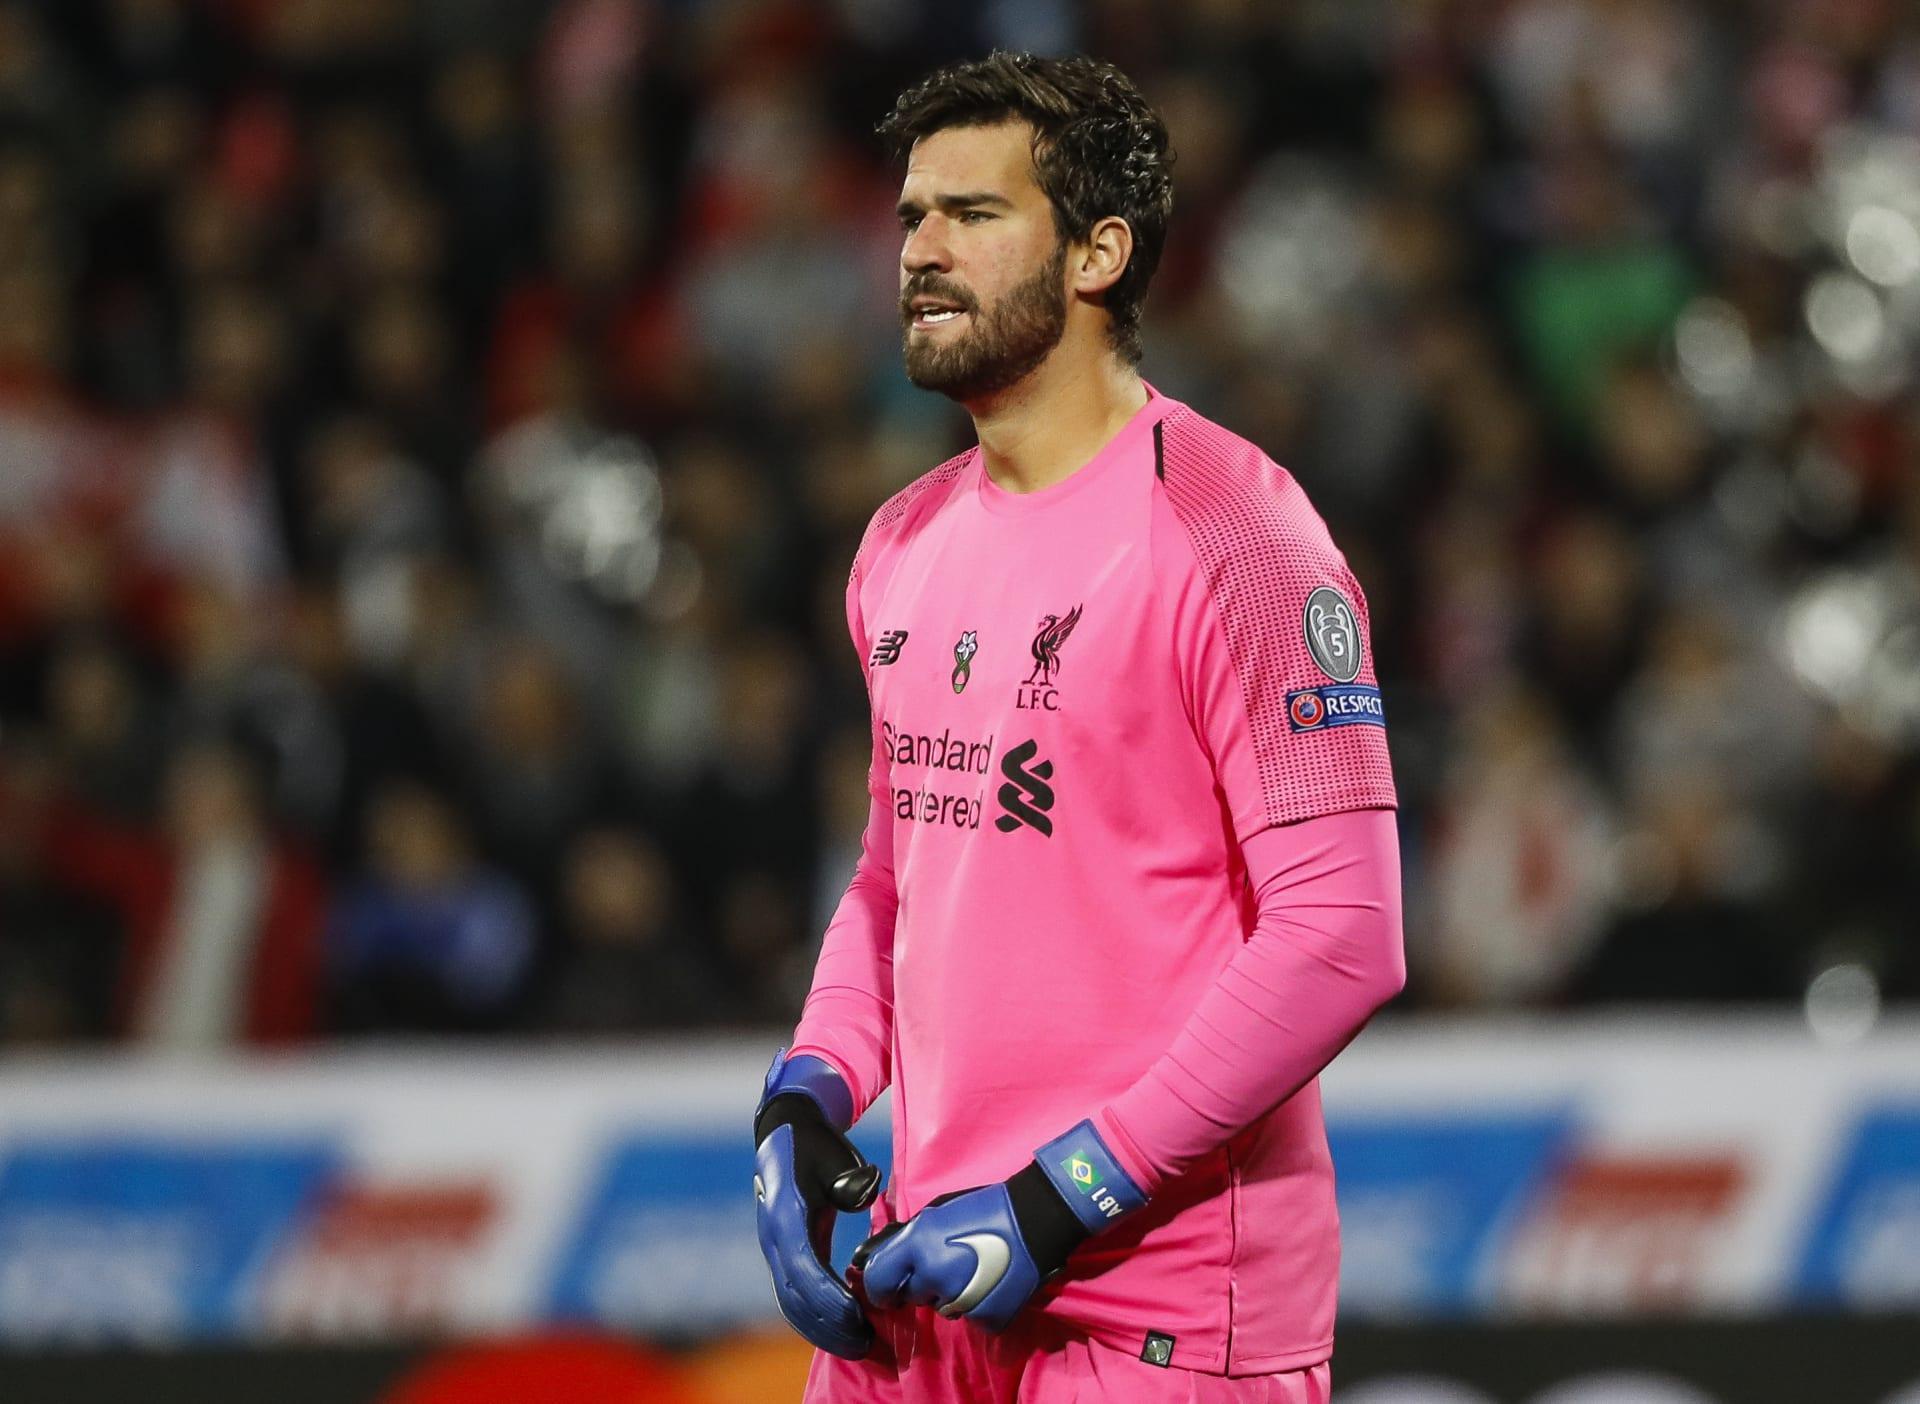 بعد استقدامه من روما.. أليسون يتألق مع ليفربول ويسجل أرقاما جديدة